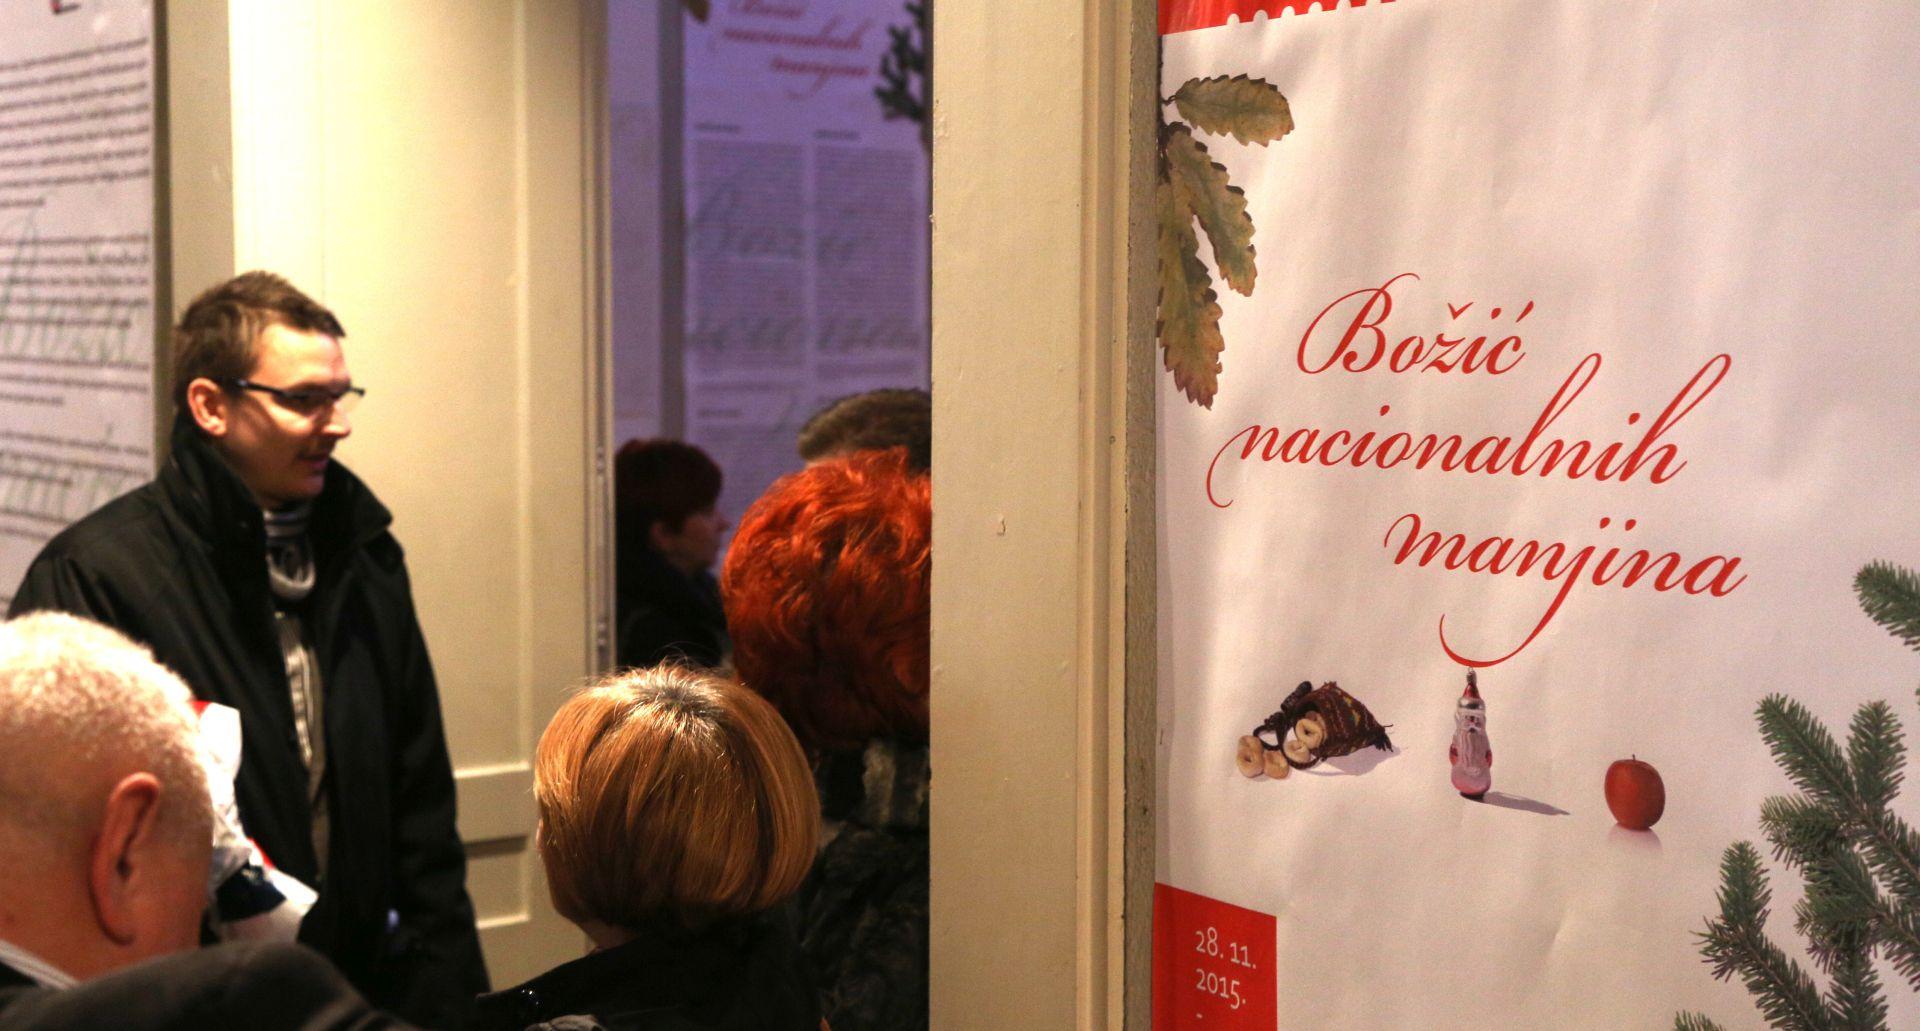 PREDSTAVLJANJE BOŽIĆNIH OBIČAJA: U Etnografskom muzeju izložba 'Božić nacionalnih manjina'